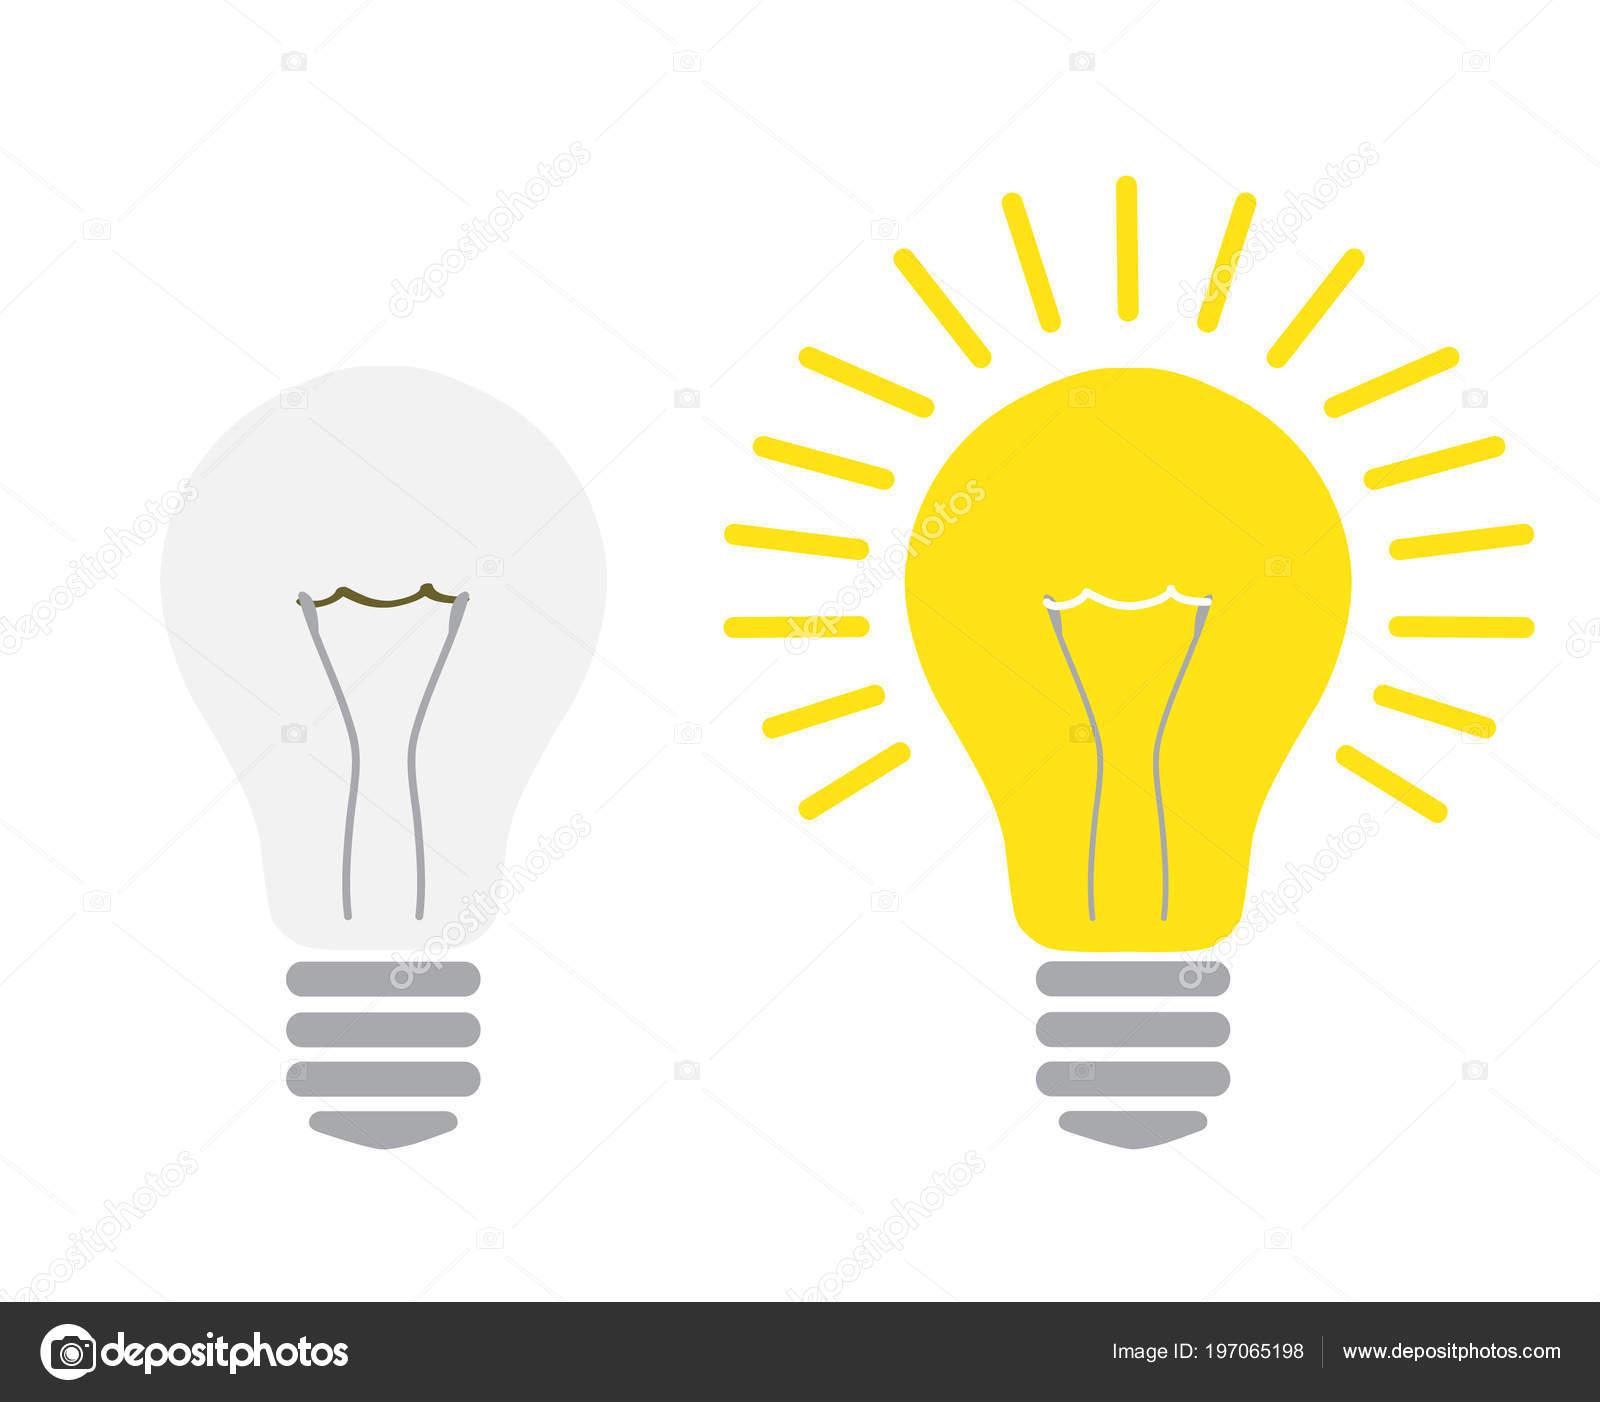 teint lumi re lumi re sur ampoule allum teint lumi re lectrique ampoule image vectorielle. Black Bedroom Furniture Sets. Home Design Ideas